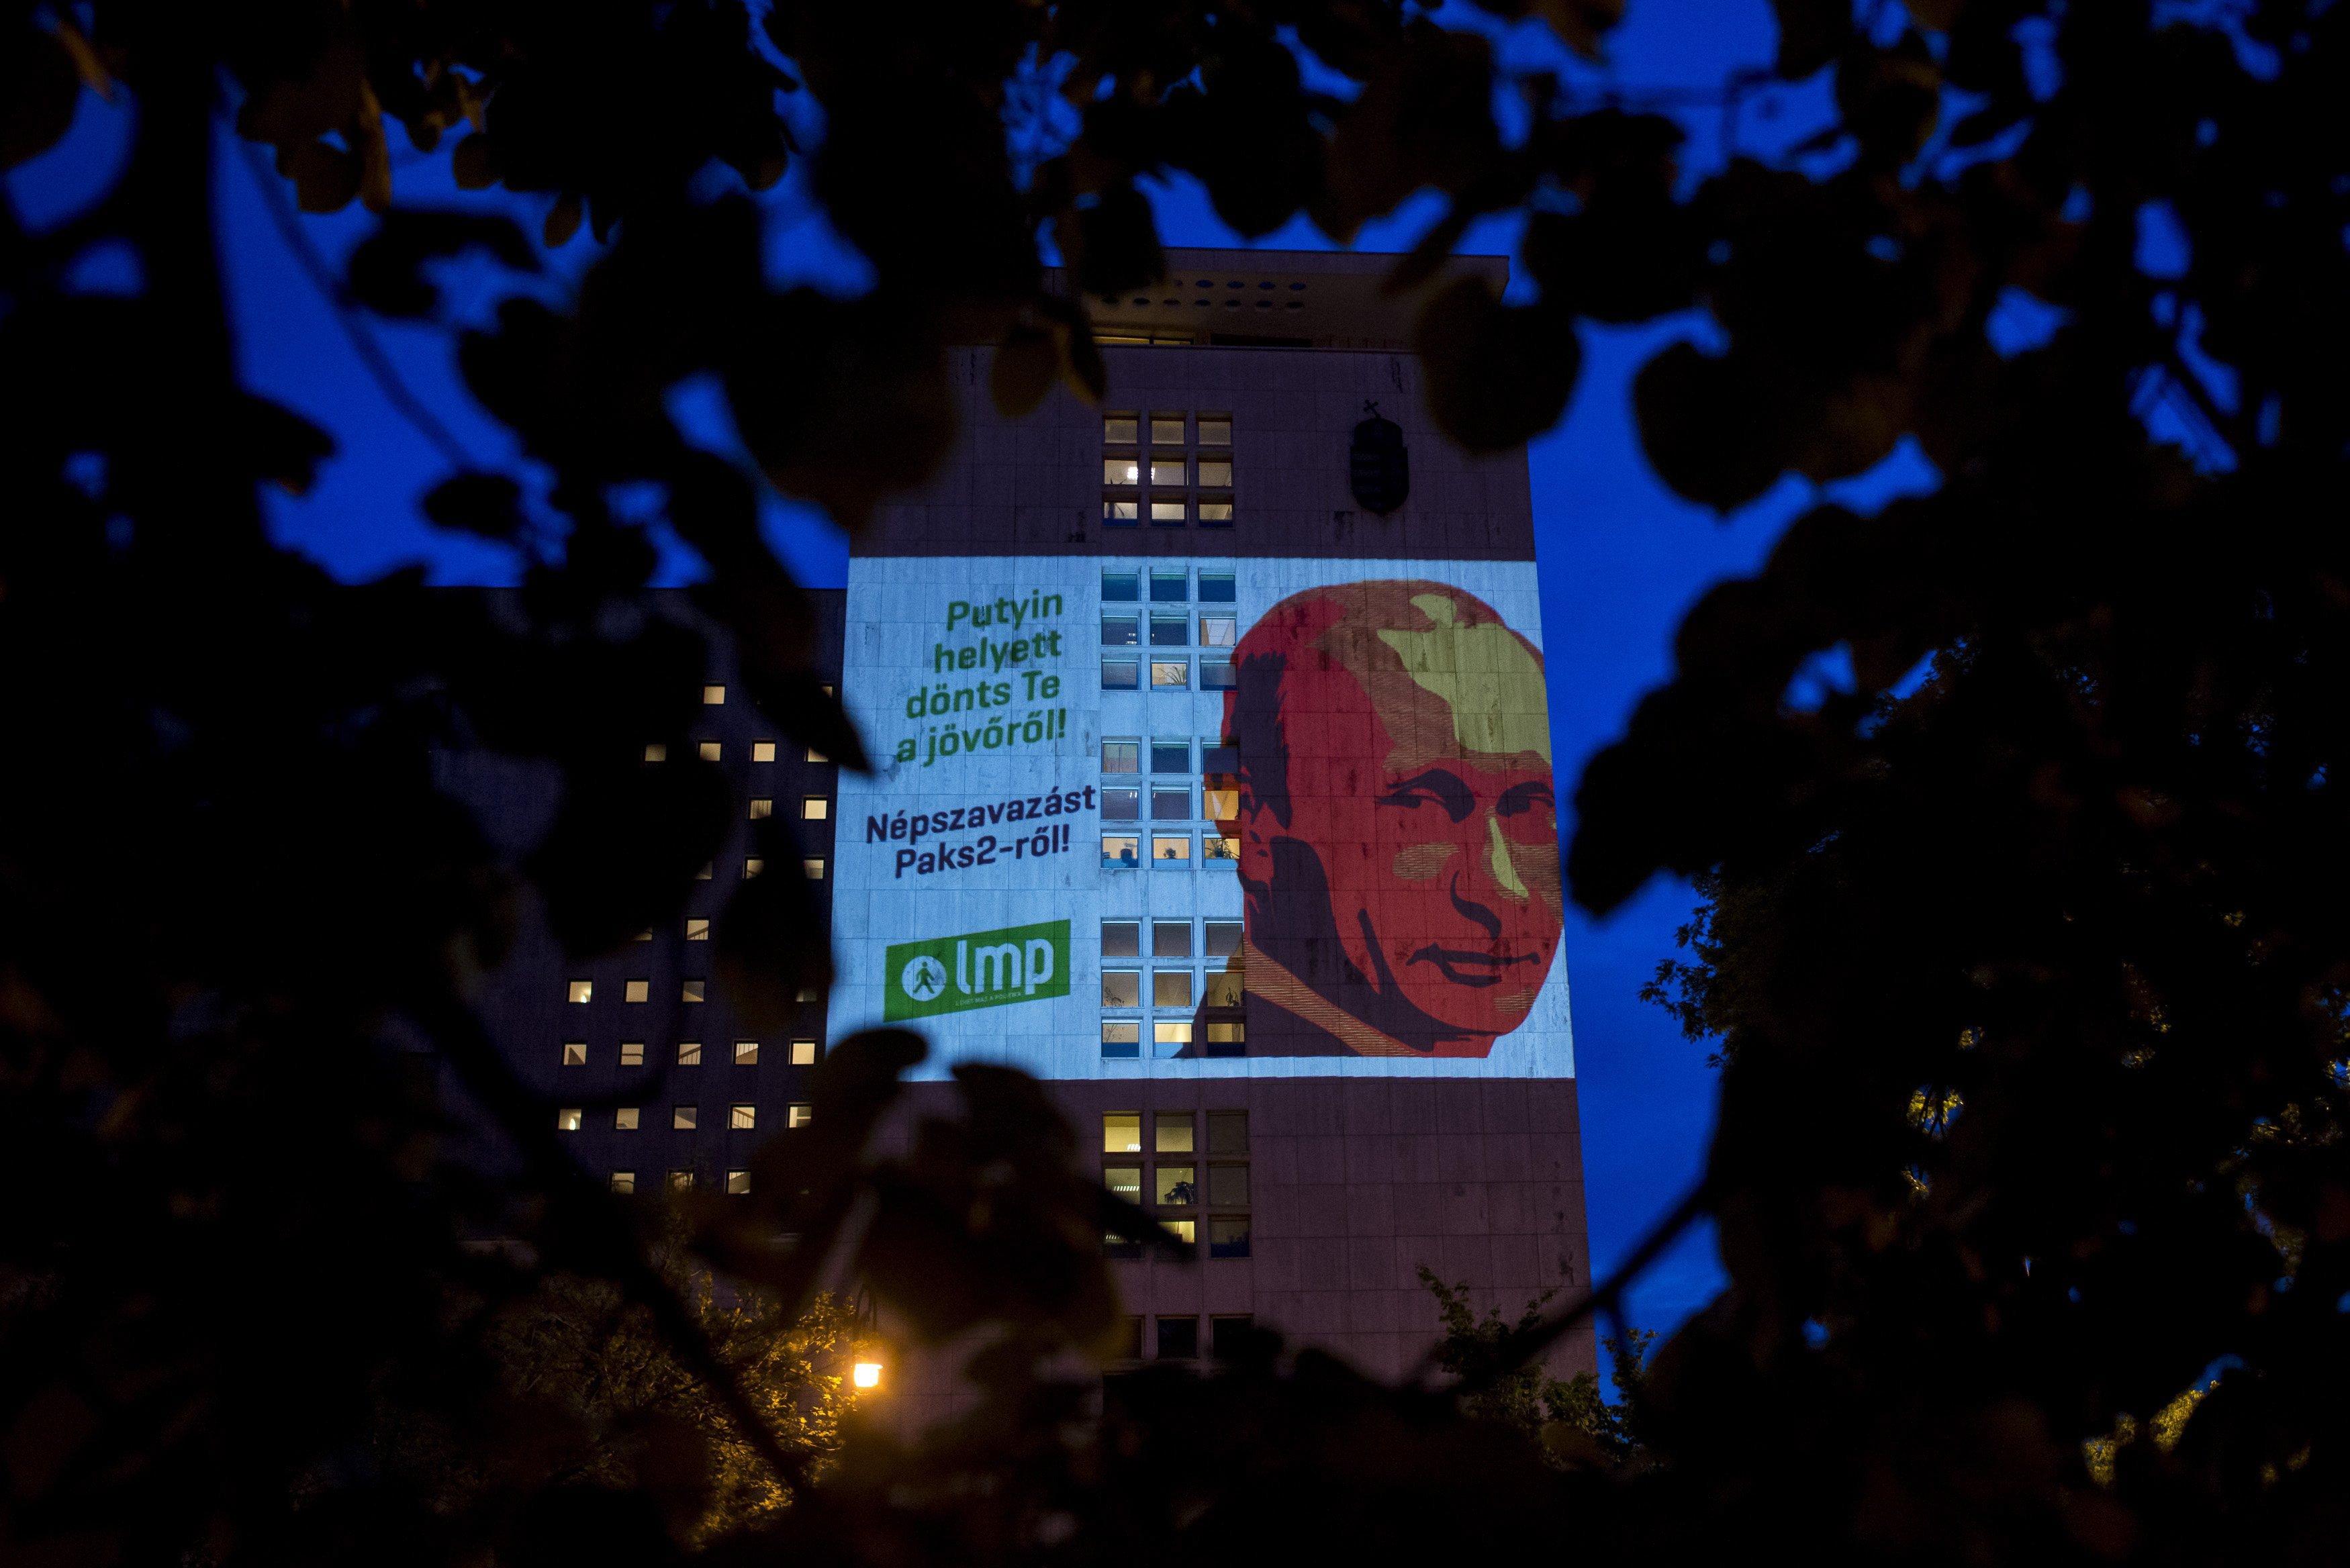 Fellőtték a Putyin-fejet a Képviselői Irodaházra